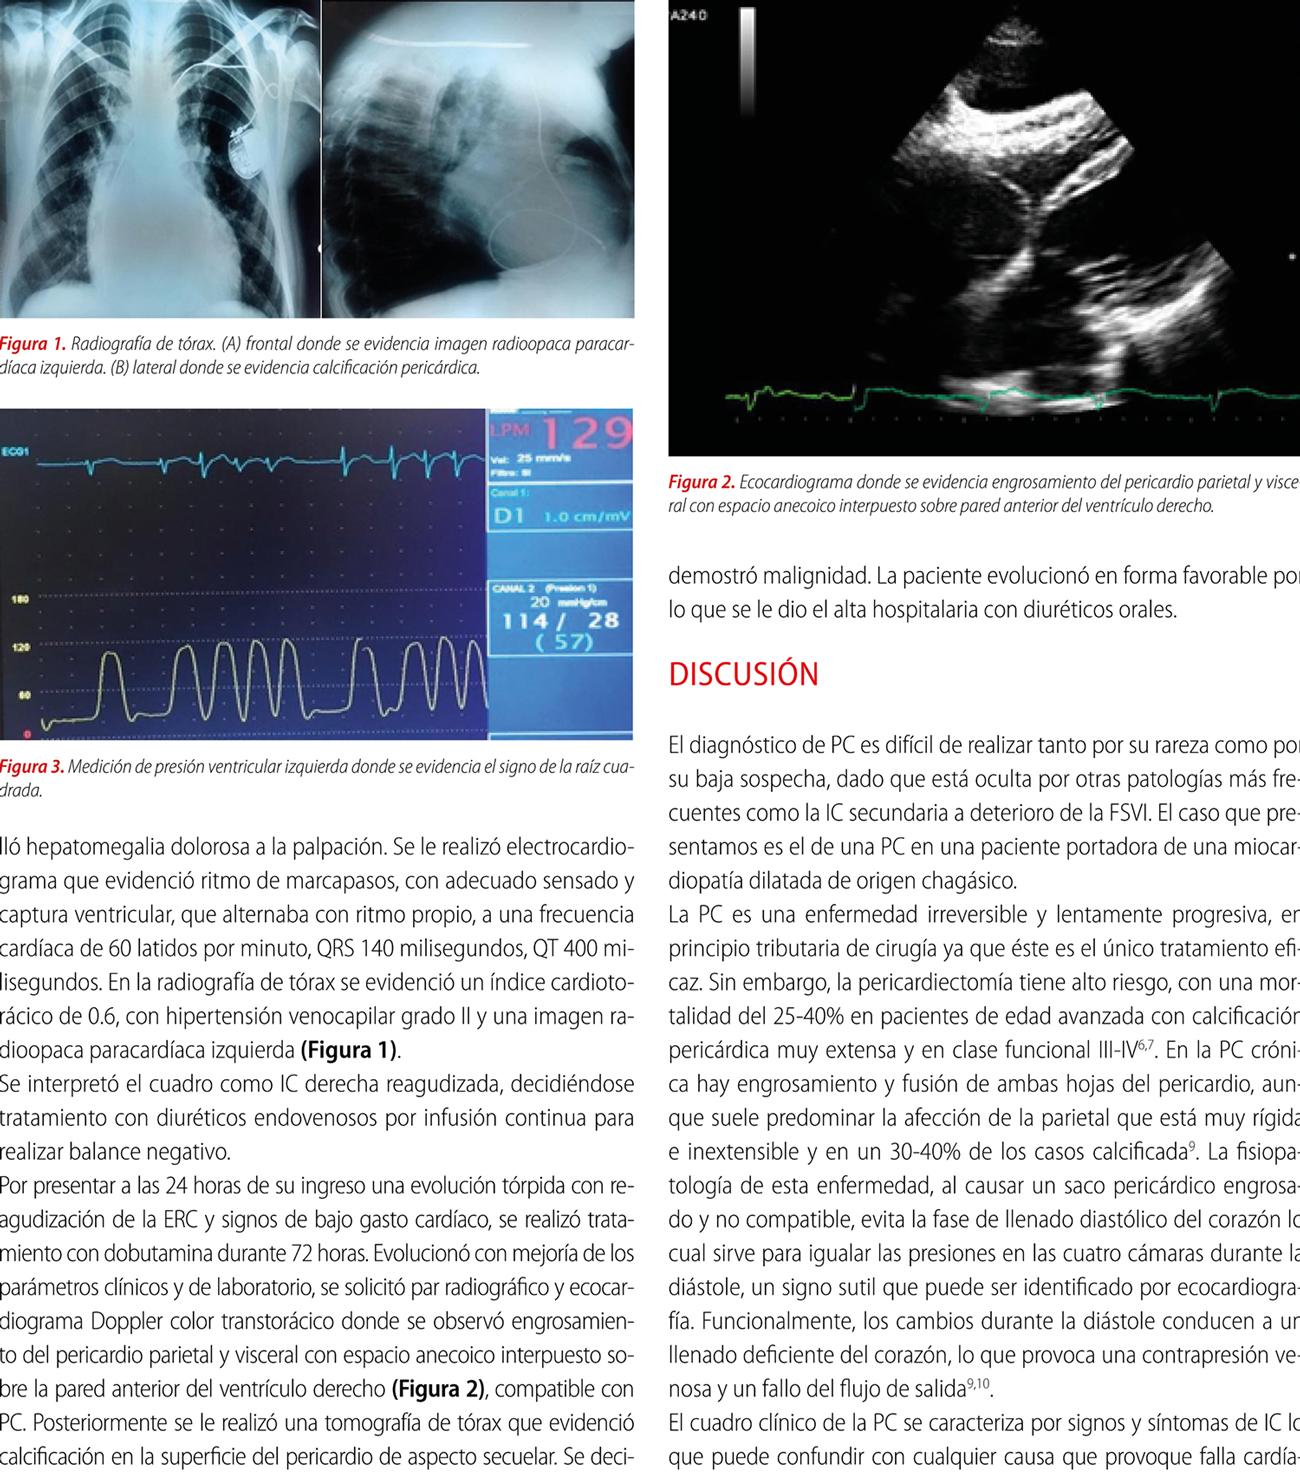 Pericarditis constrictiva asociada a miocardiopatía chagásica